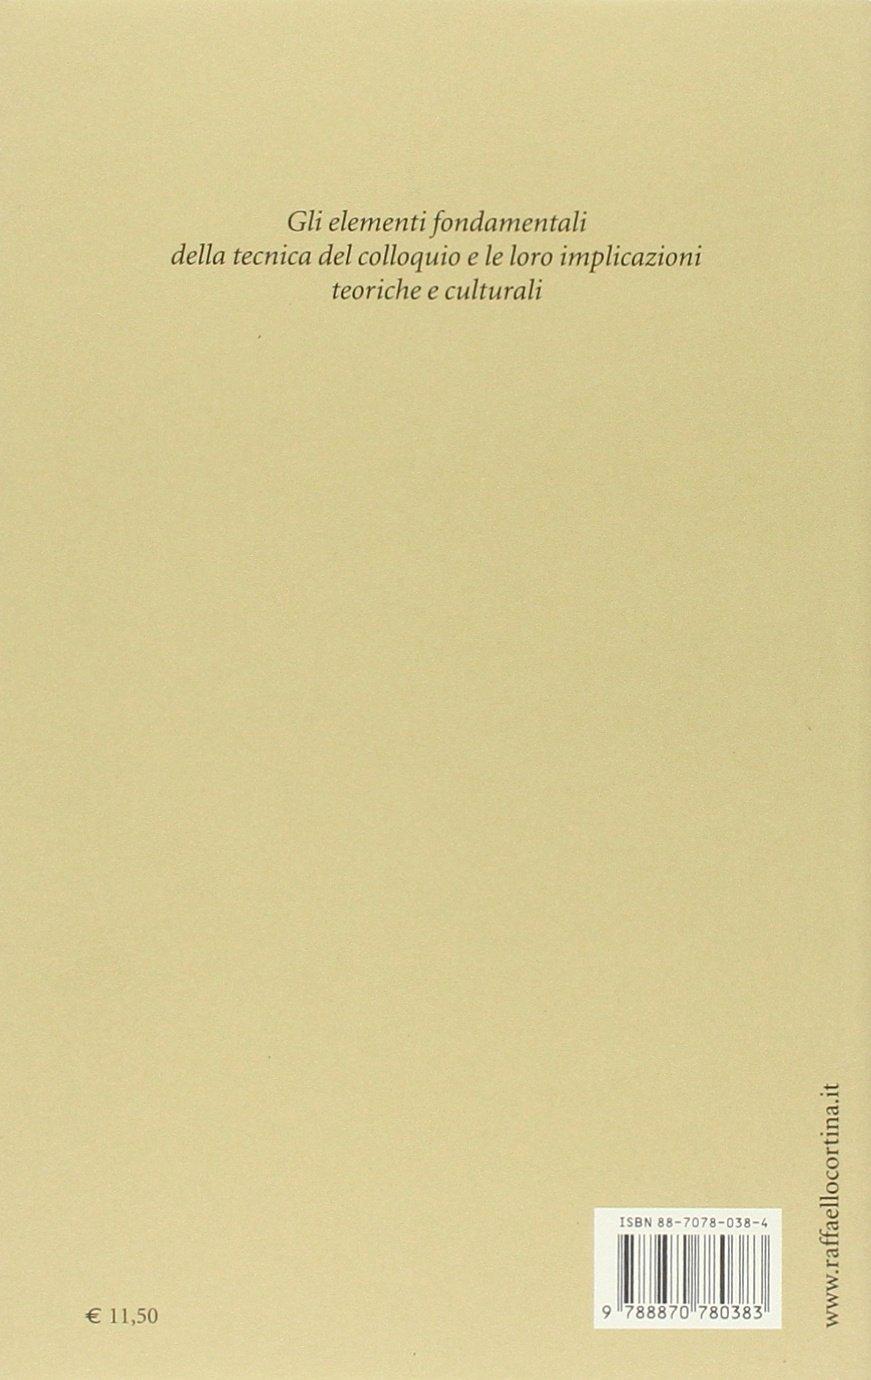 tecnica del colloquio semi  : Tecnica del colloquio - Antonio A. Semi - Libri